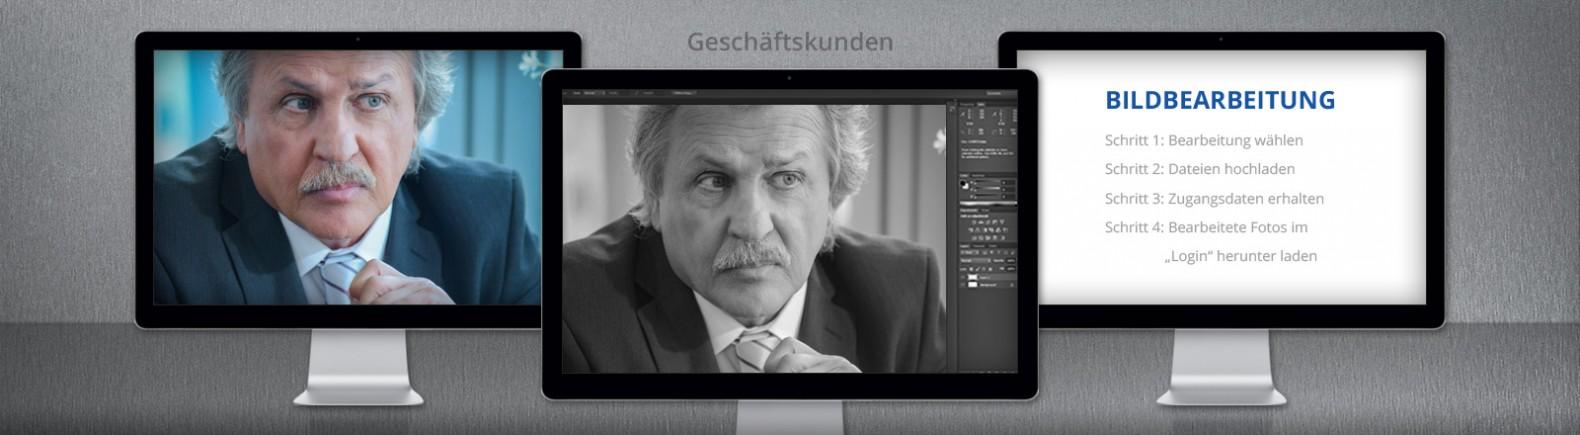 05_01_bildbearbeitung_business.fotostudio-schloen-duesseldorf.de